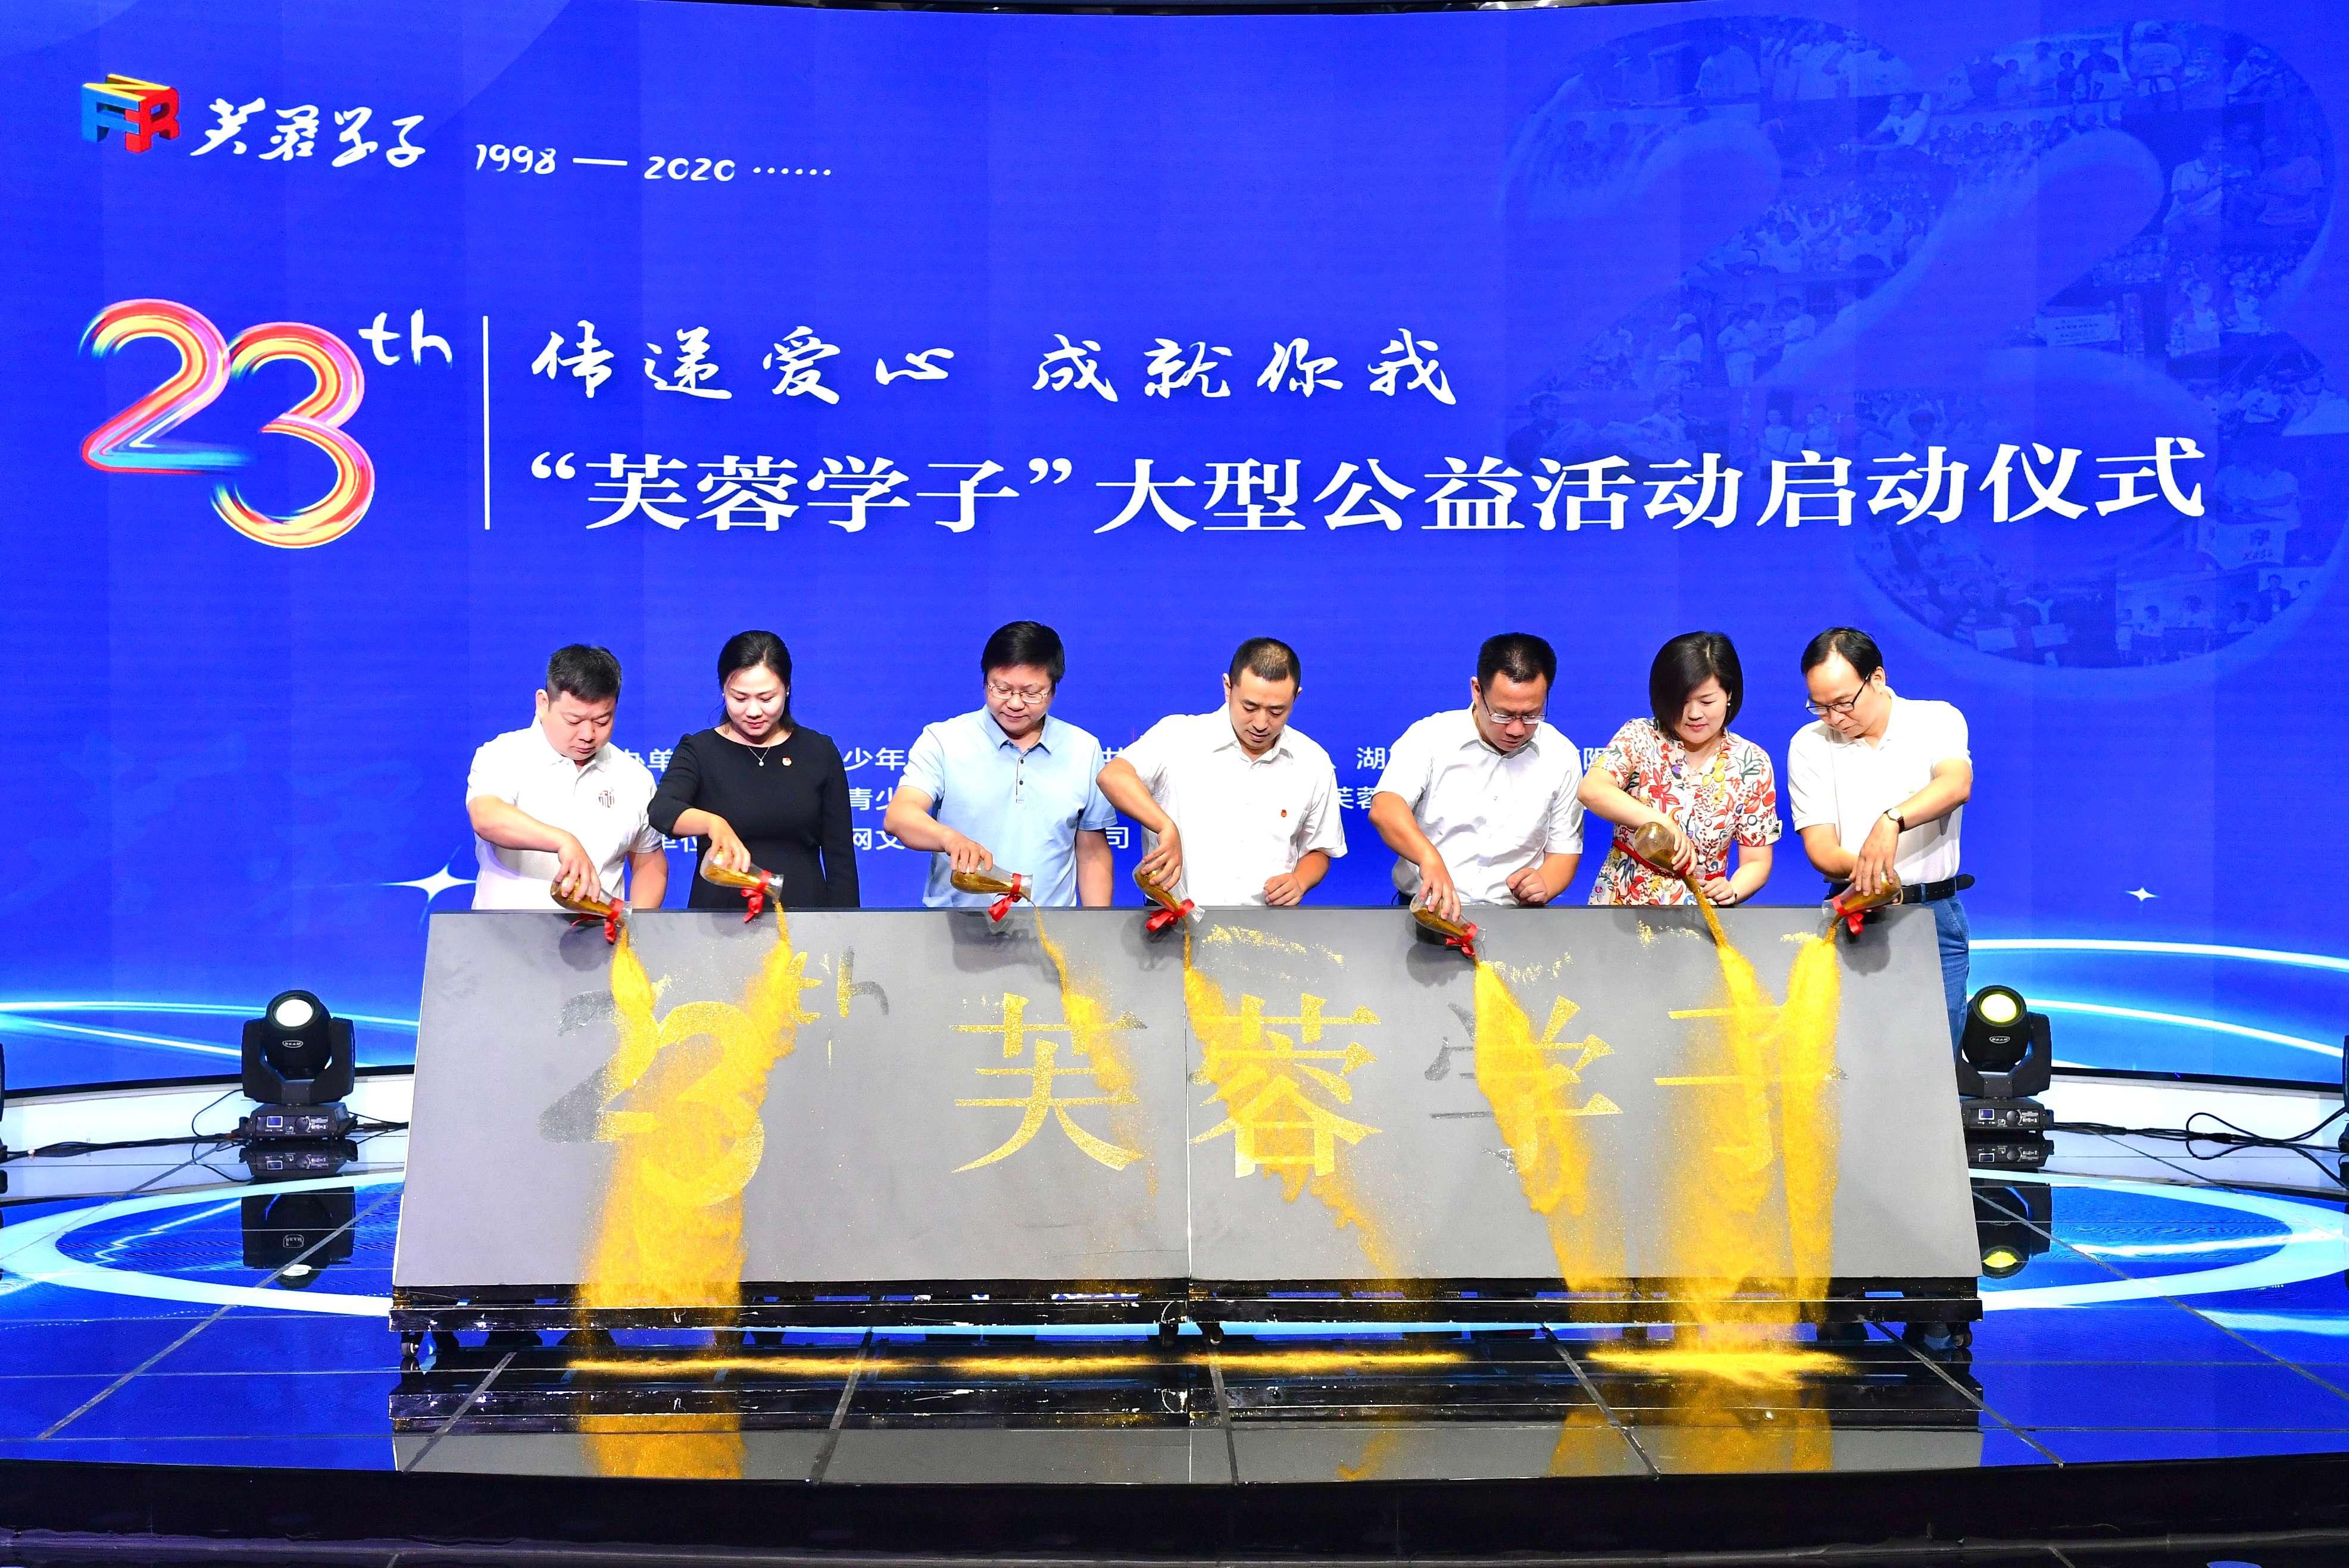 """第23届""""芙蓉学子""""大型公益活动启动 1356名学子将获资助"""